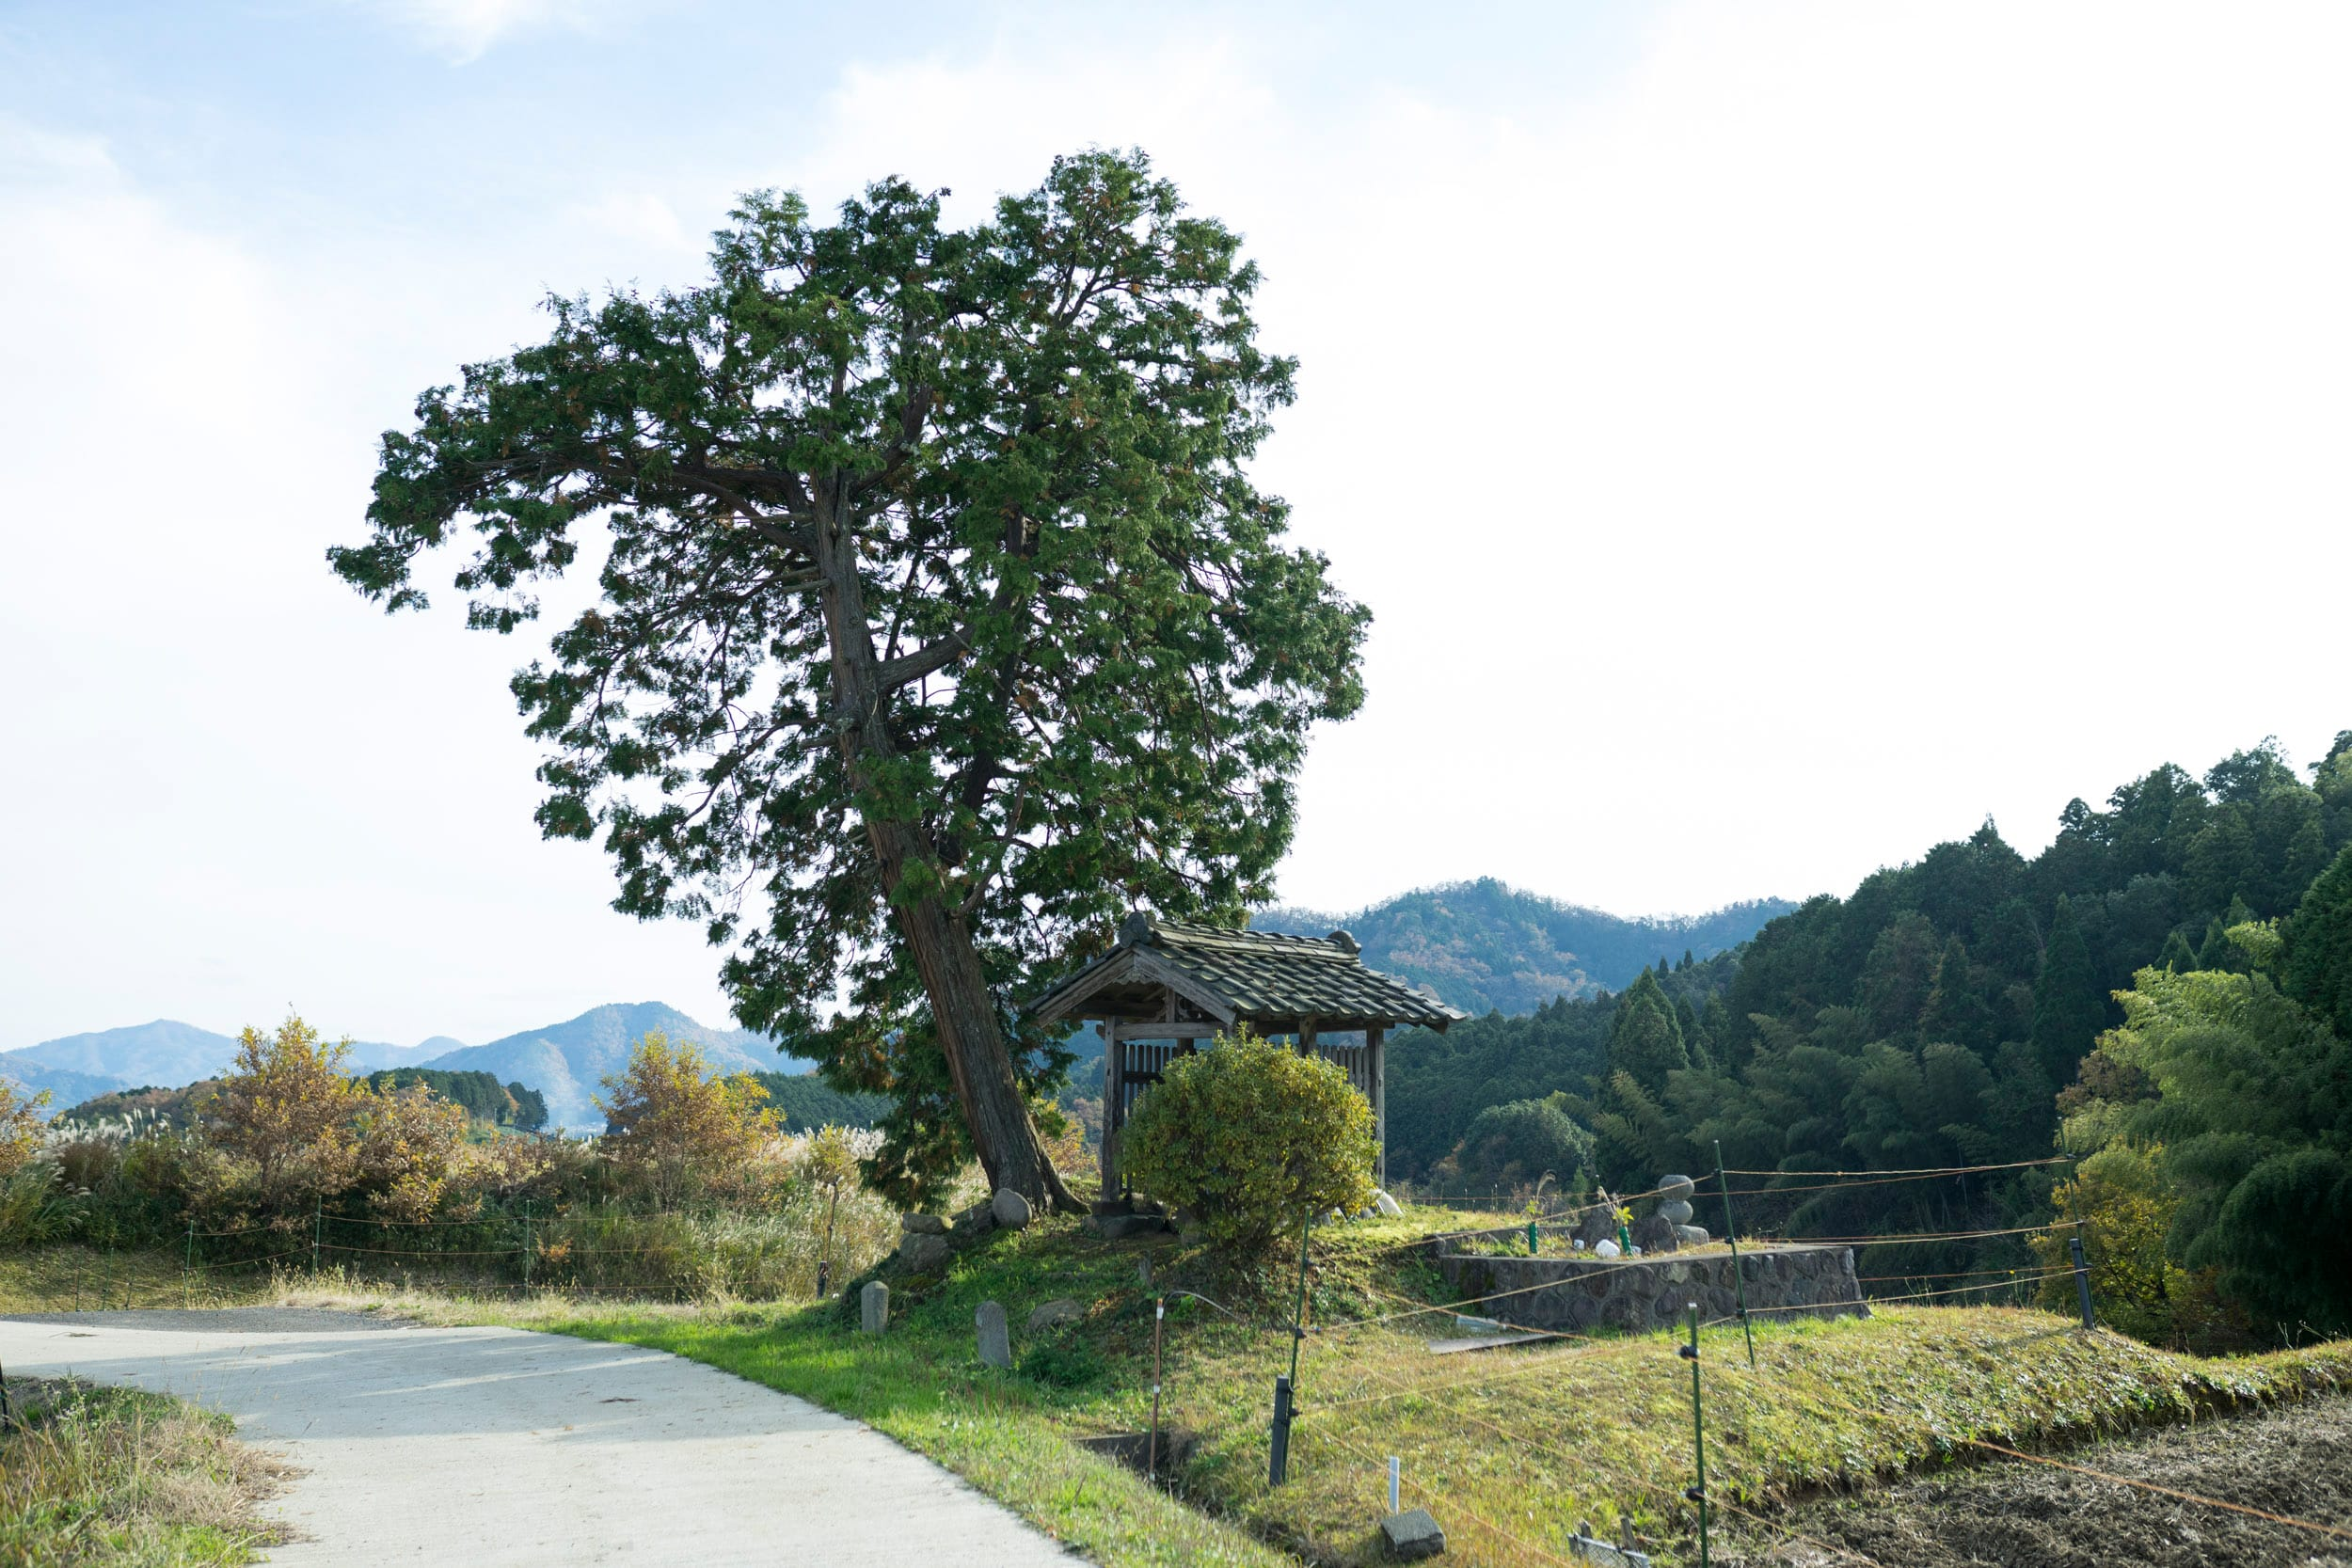 お地蔵さんと一本ヒノキ。この丘につづく道を歩いていると清々しい気持ちになります。